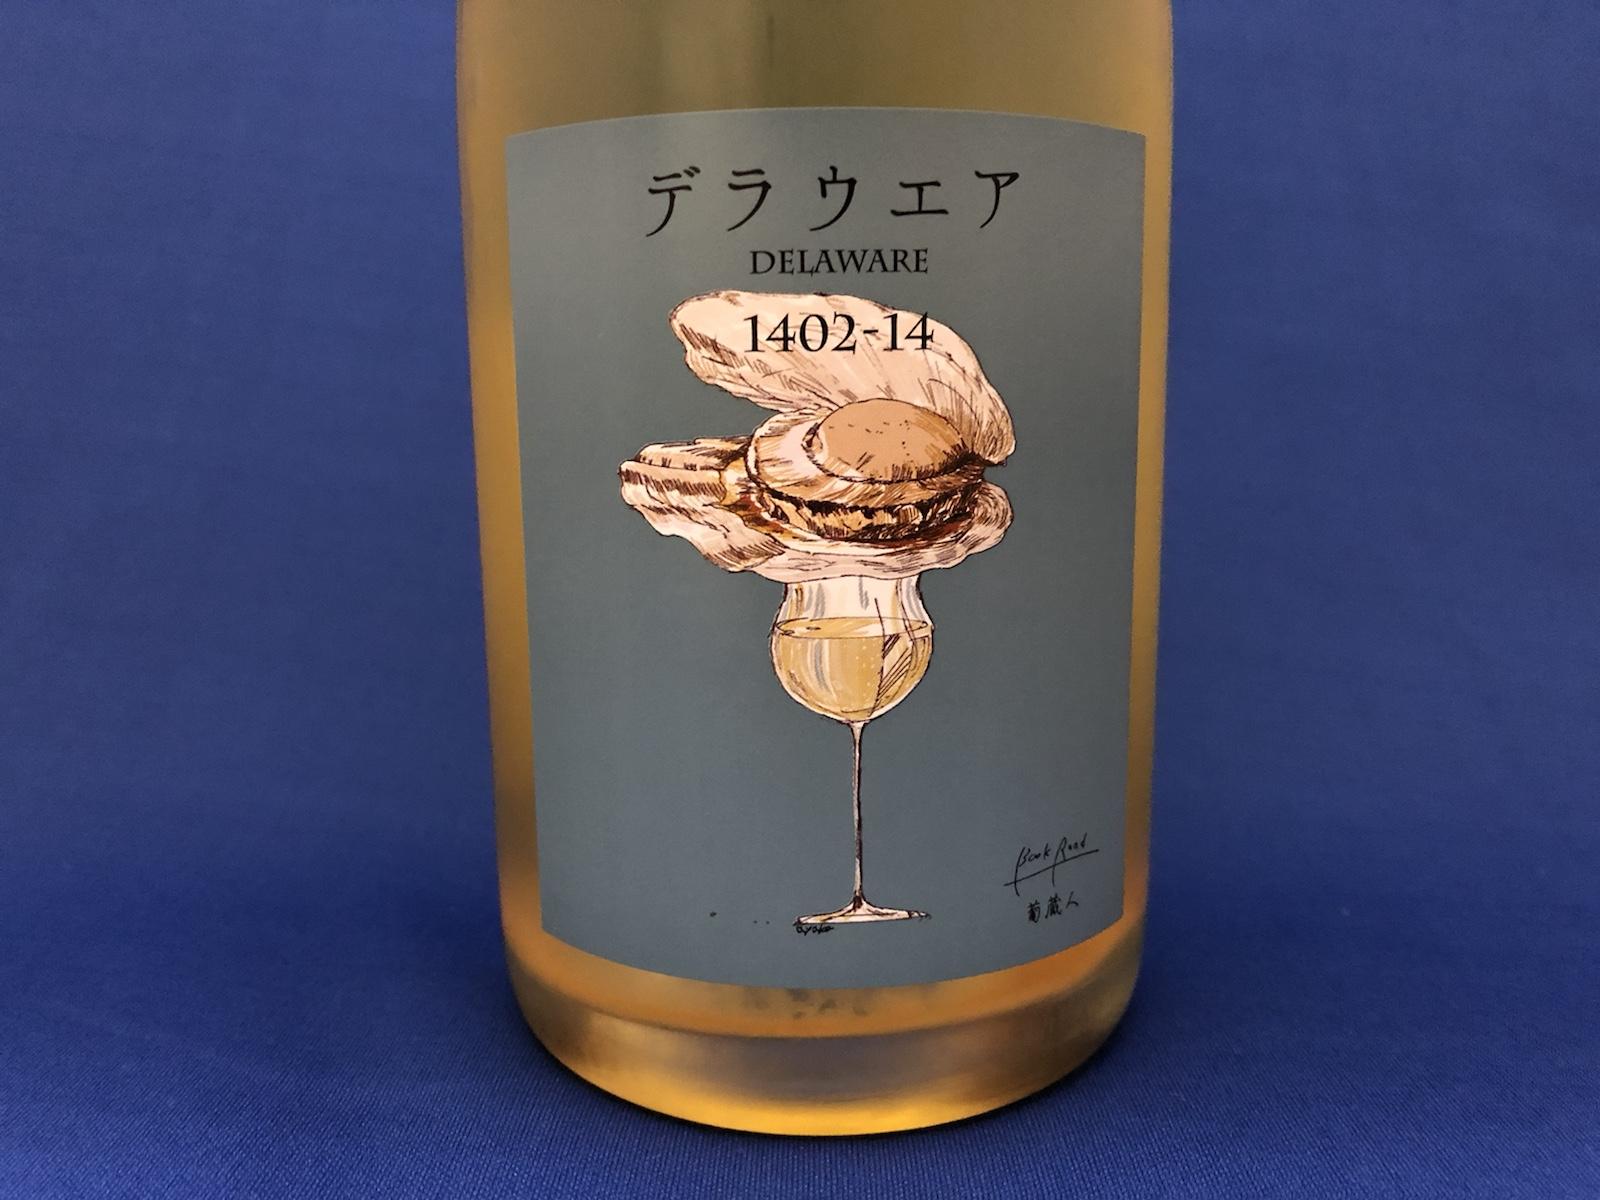 下町ワイナリーが届ける極上スパークリングワイン「デラウエア」